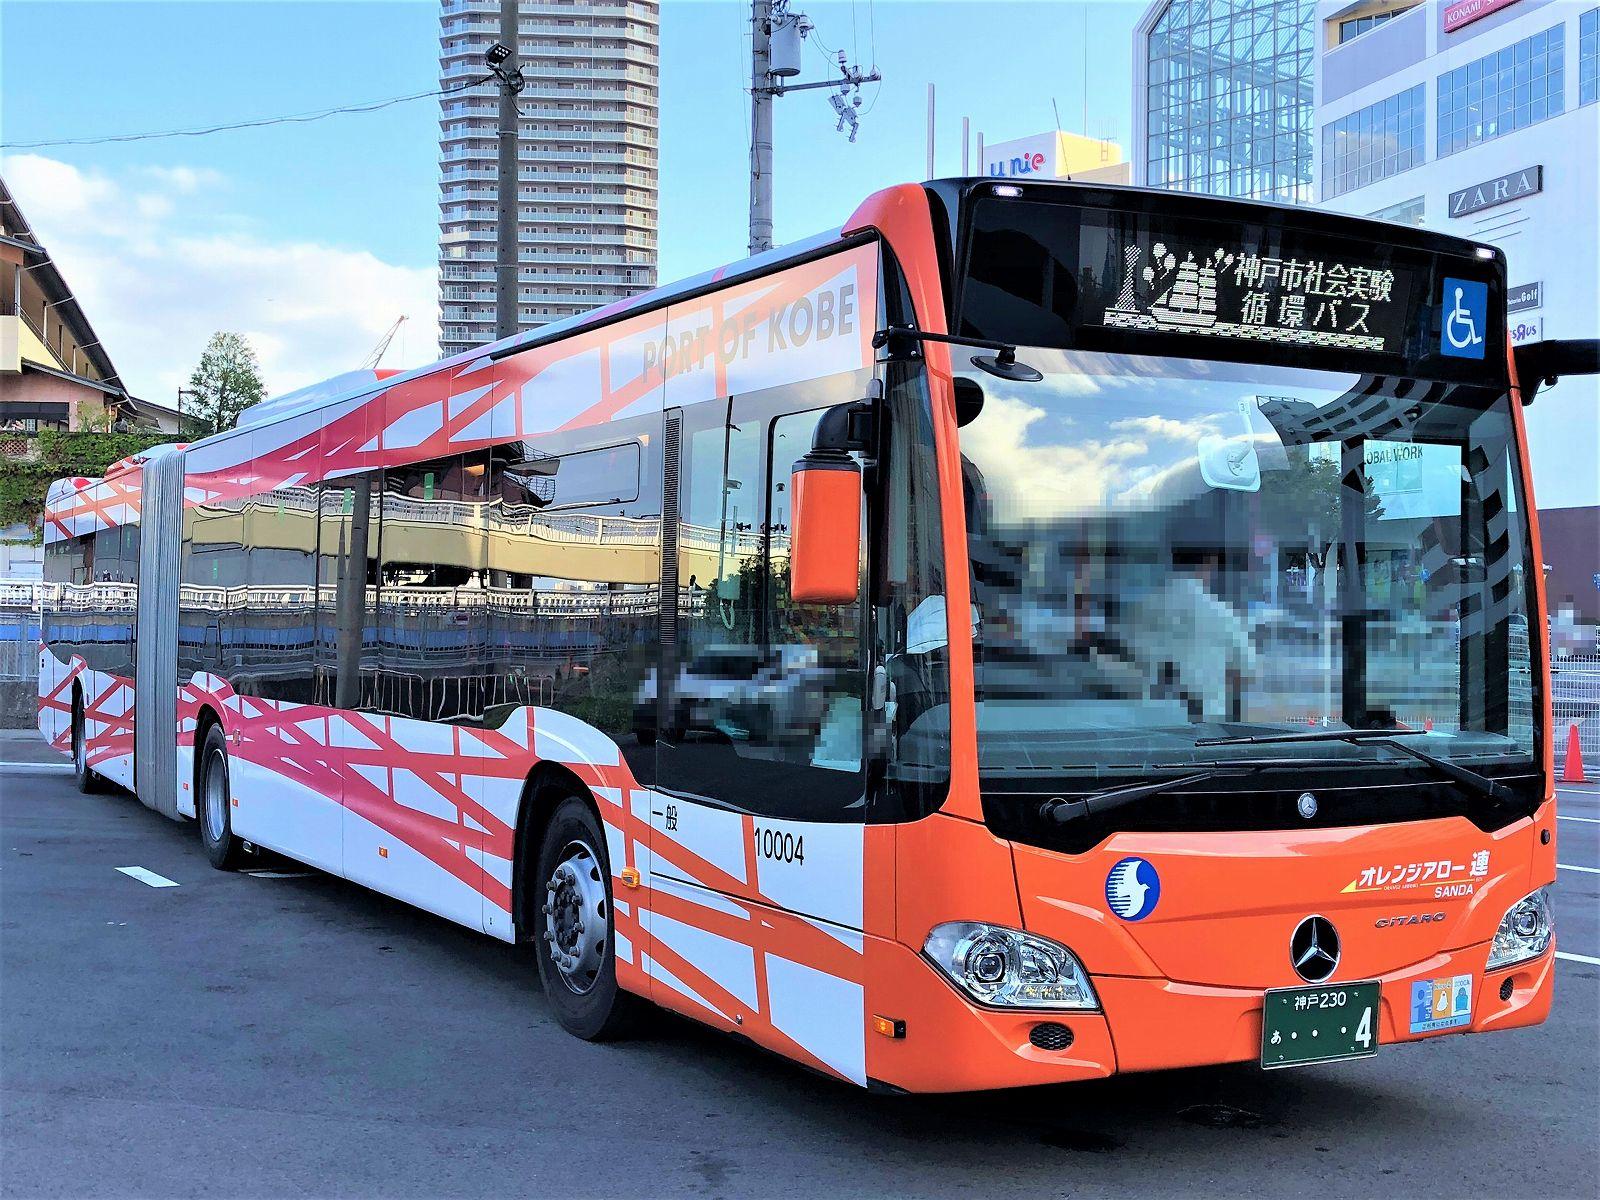 「連節バス」の社会実験が10月の土日祝に開催!おしゃれで長い「連節バス」に乗ってみた! #神戸観光 #連節バス #神姫バス #スカイバス神戸 #神戸市 #乗り物好き